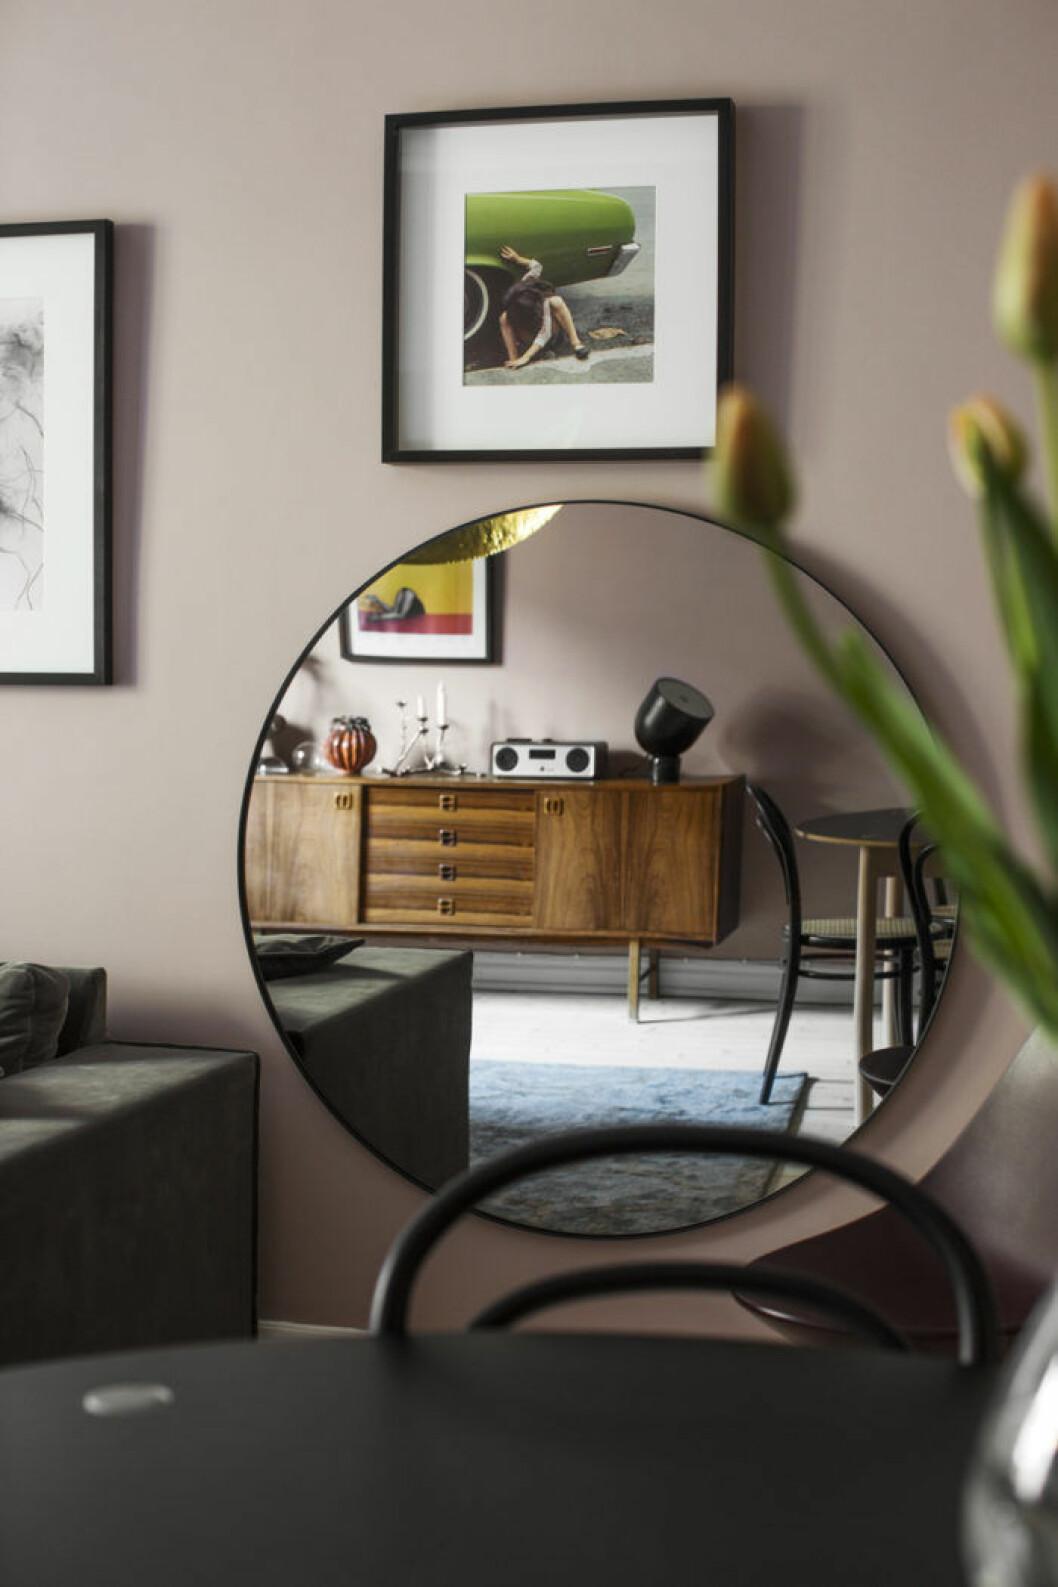 rund spegel i vardagsrummet med reflektion från sidobordet